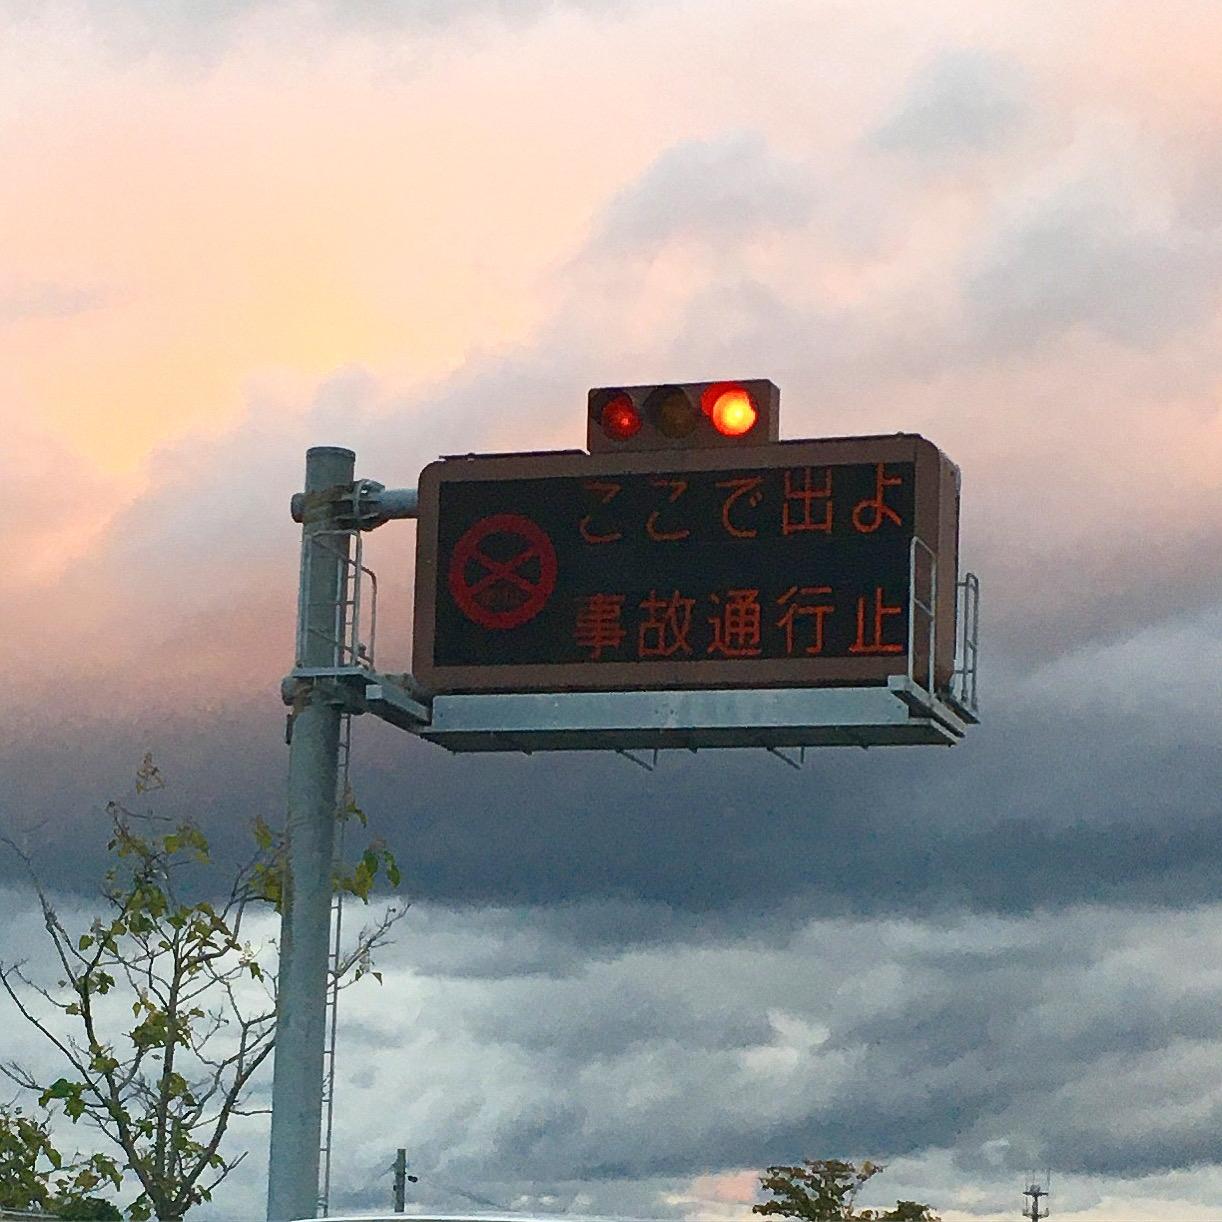 自動車 通行止め 山陽 道